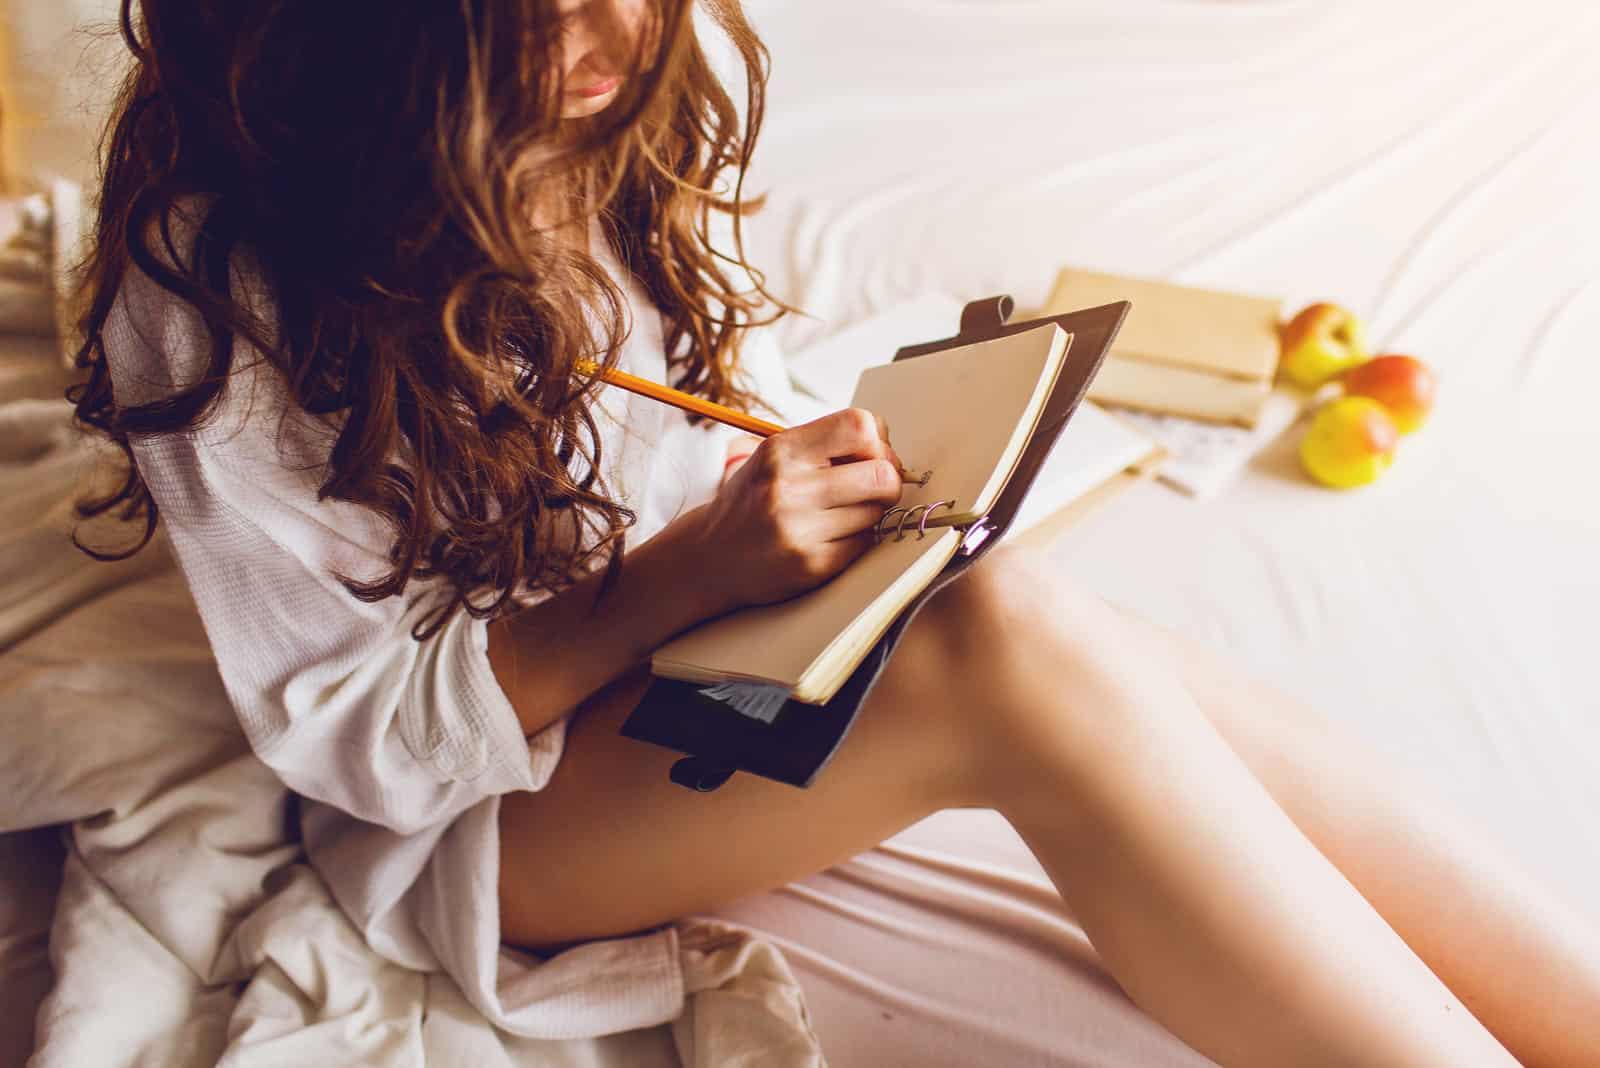 jolie jeune femme assise sur son lit douillet